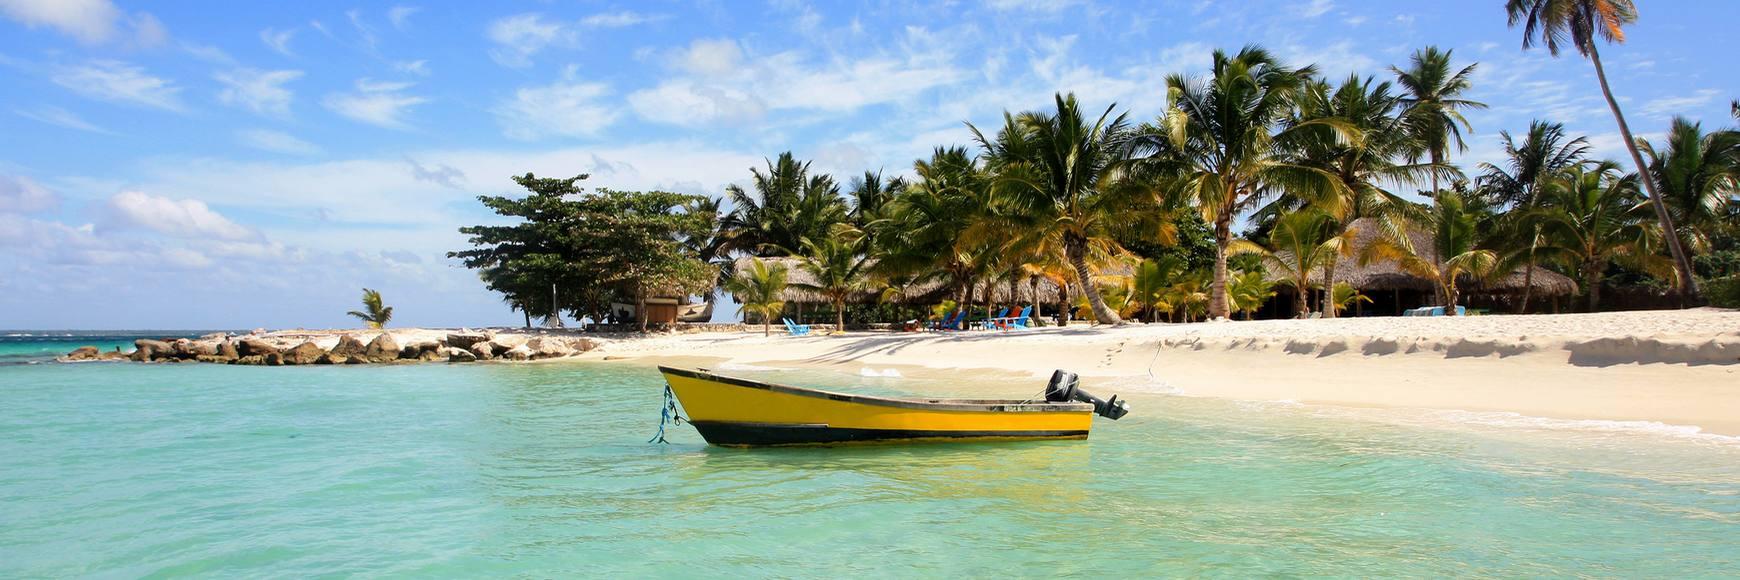 Segelboote mieten Dominica